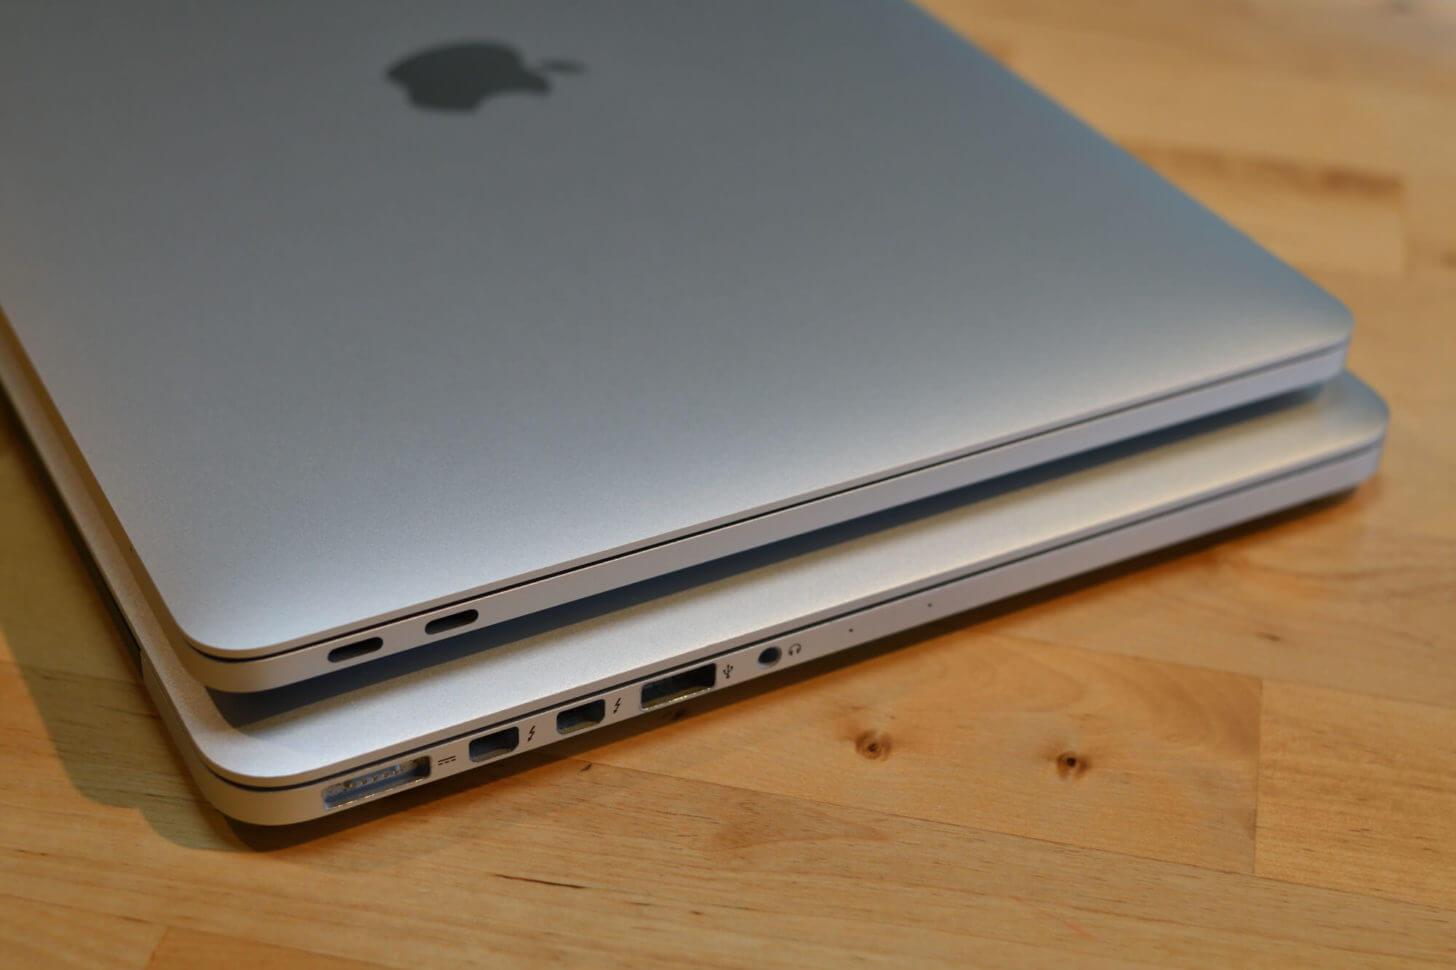 新旧MacBookProポート端子の比較